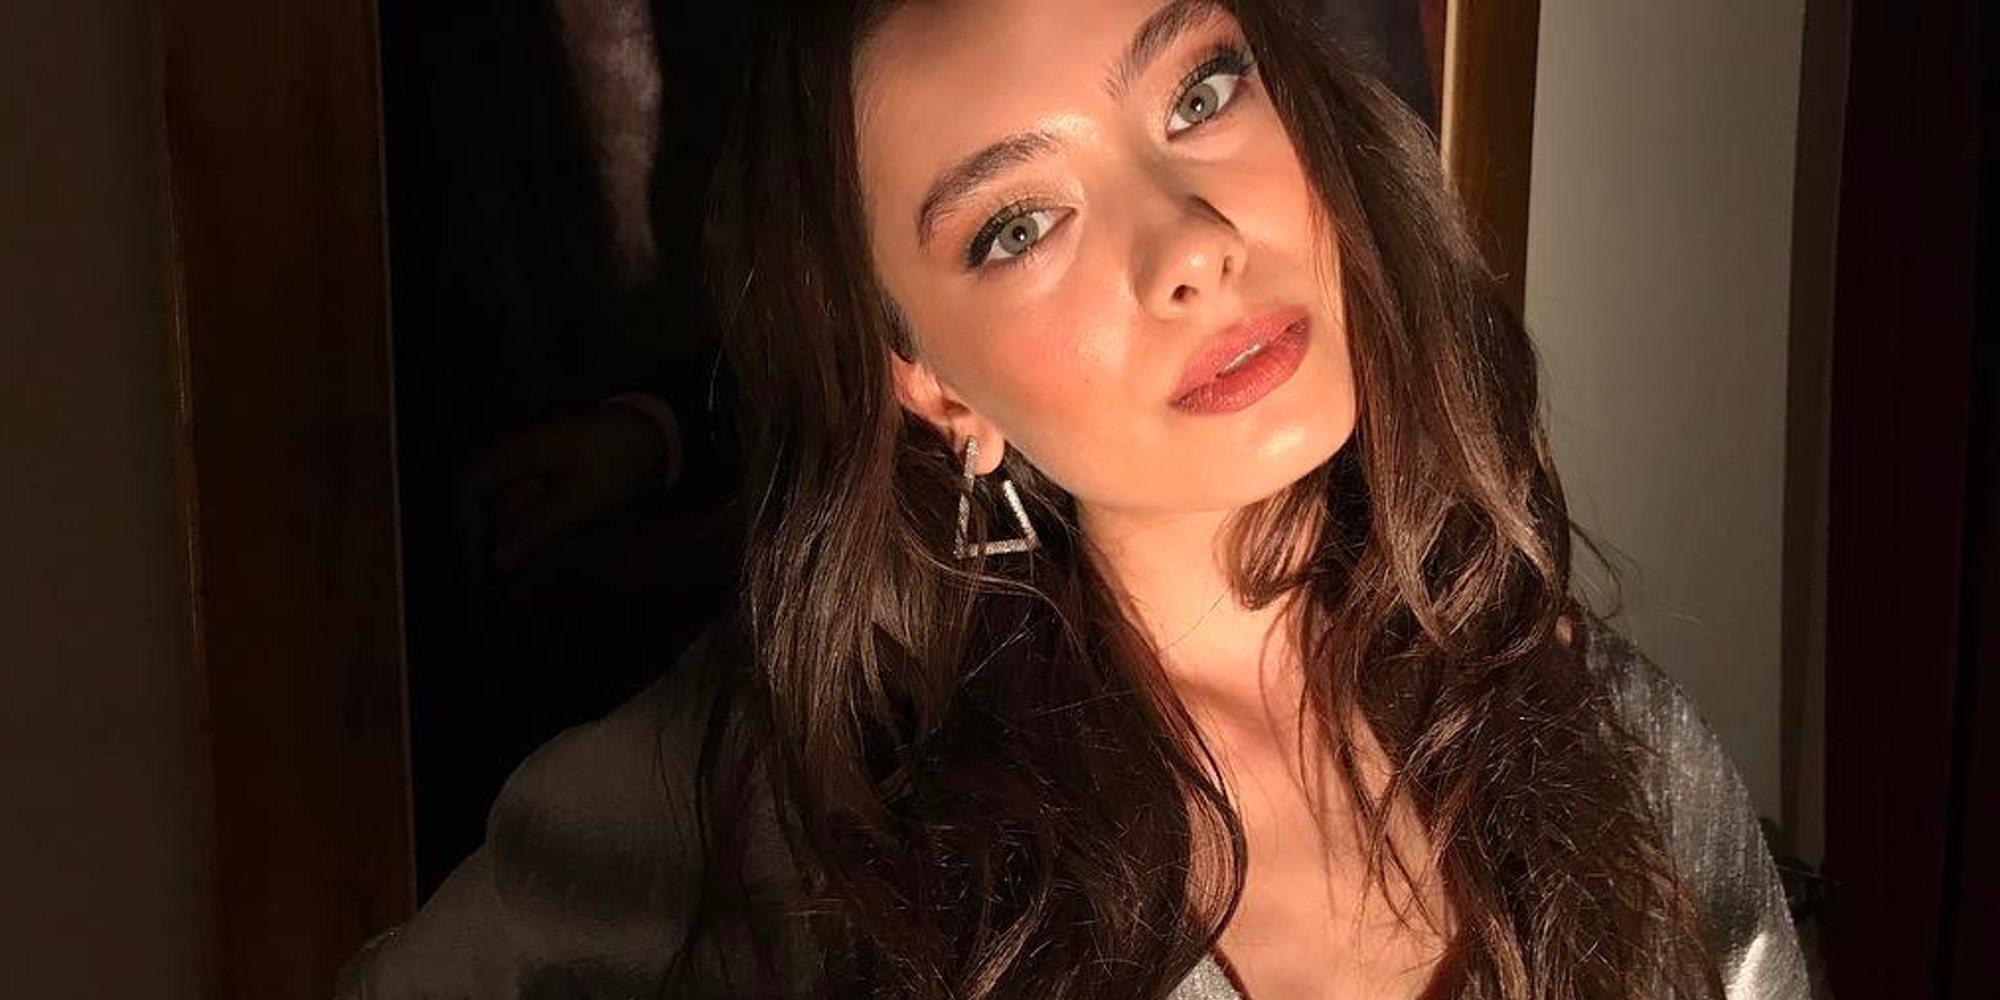 Neslihan Atagül, de 'Kara Sevda', protagonizará una película con Penélope Cruz y Luis Tosar